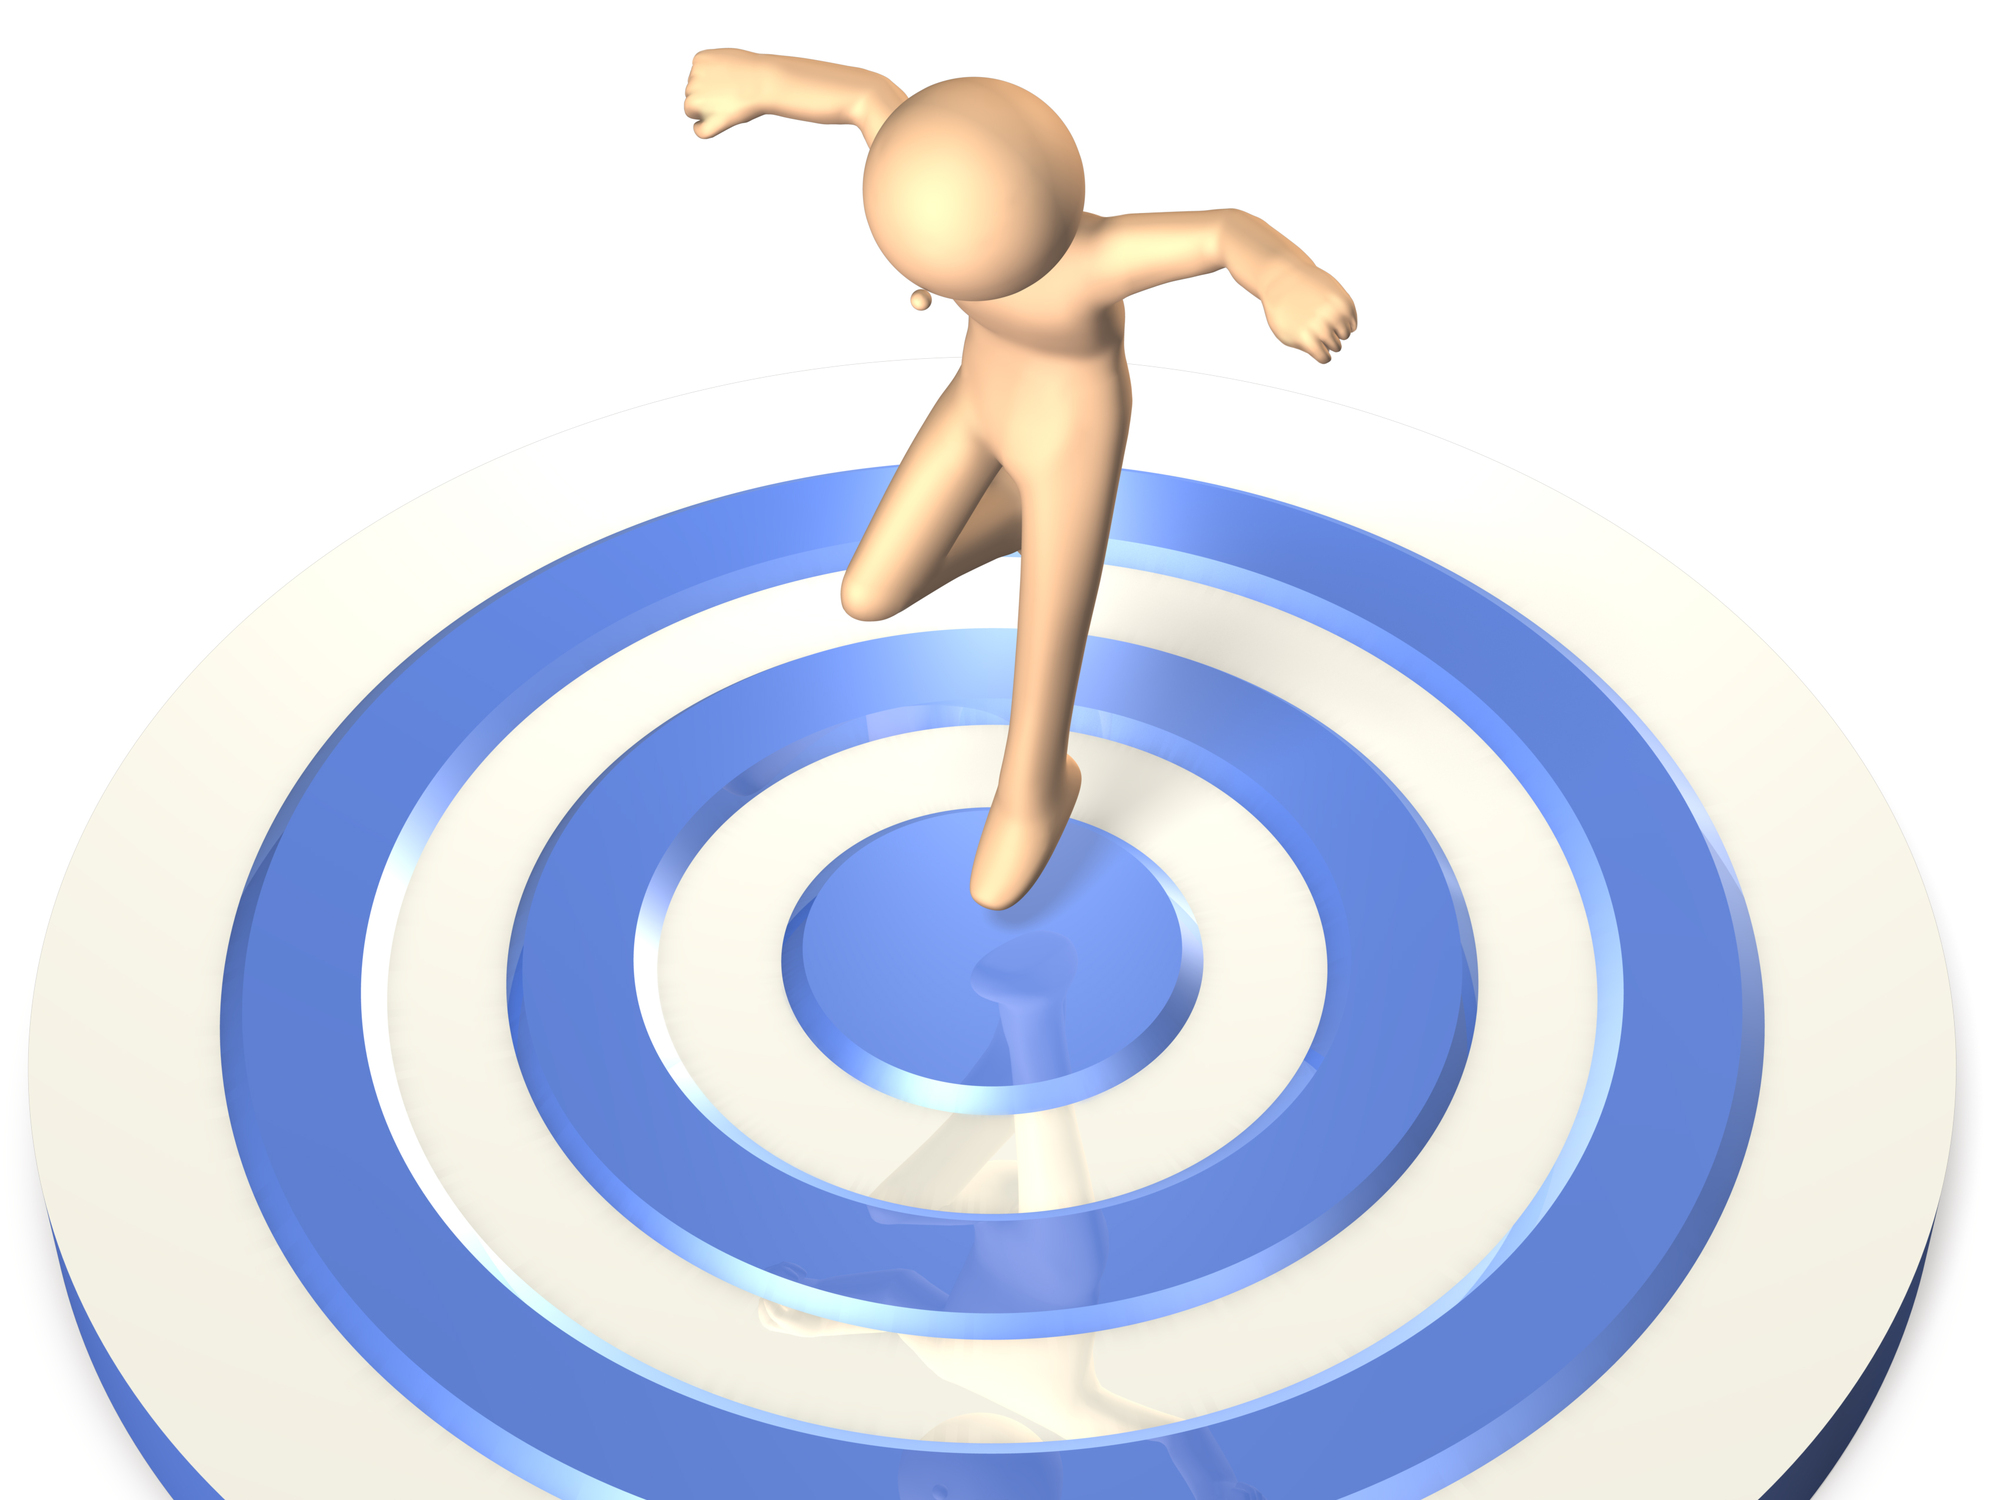 魂ランクを上げるためには「境界線」の習得が必要である。